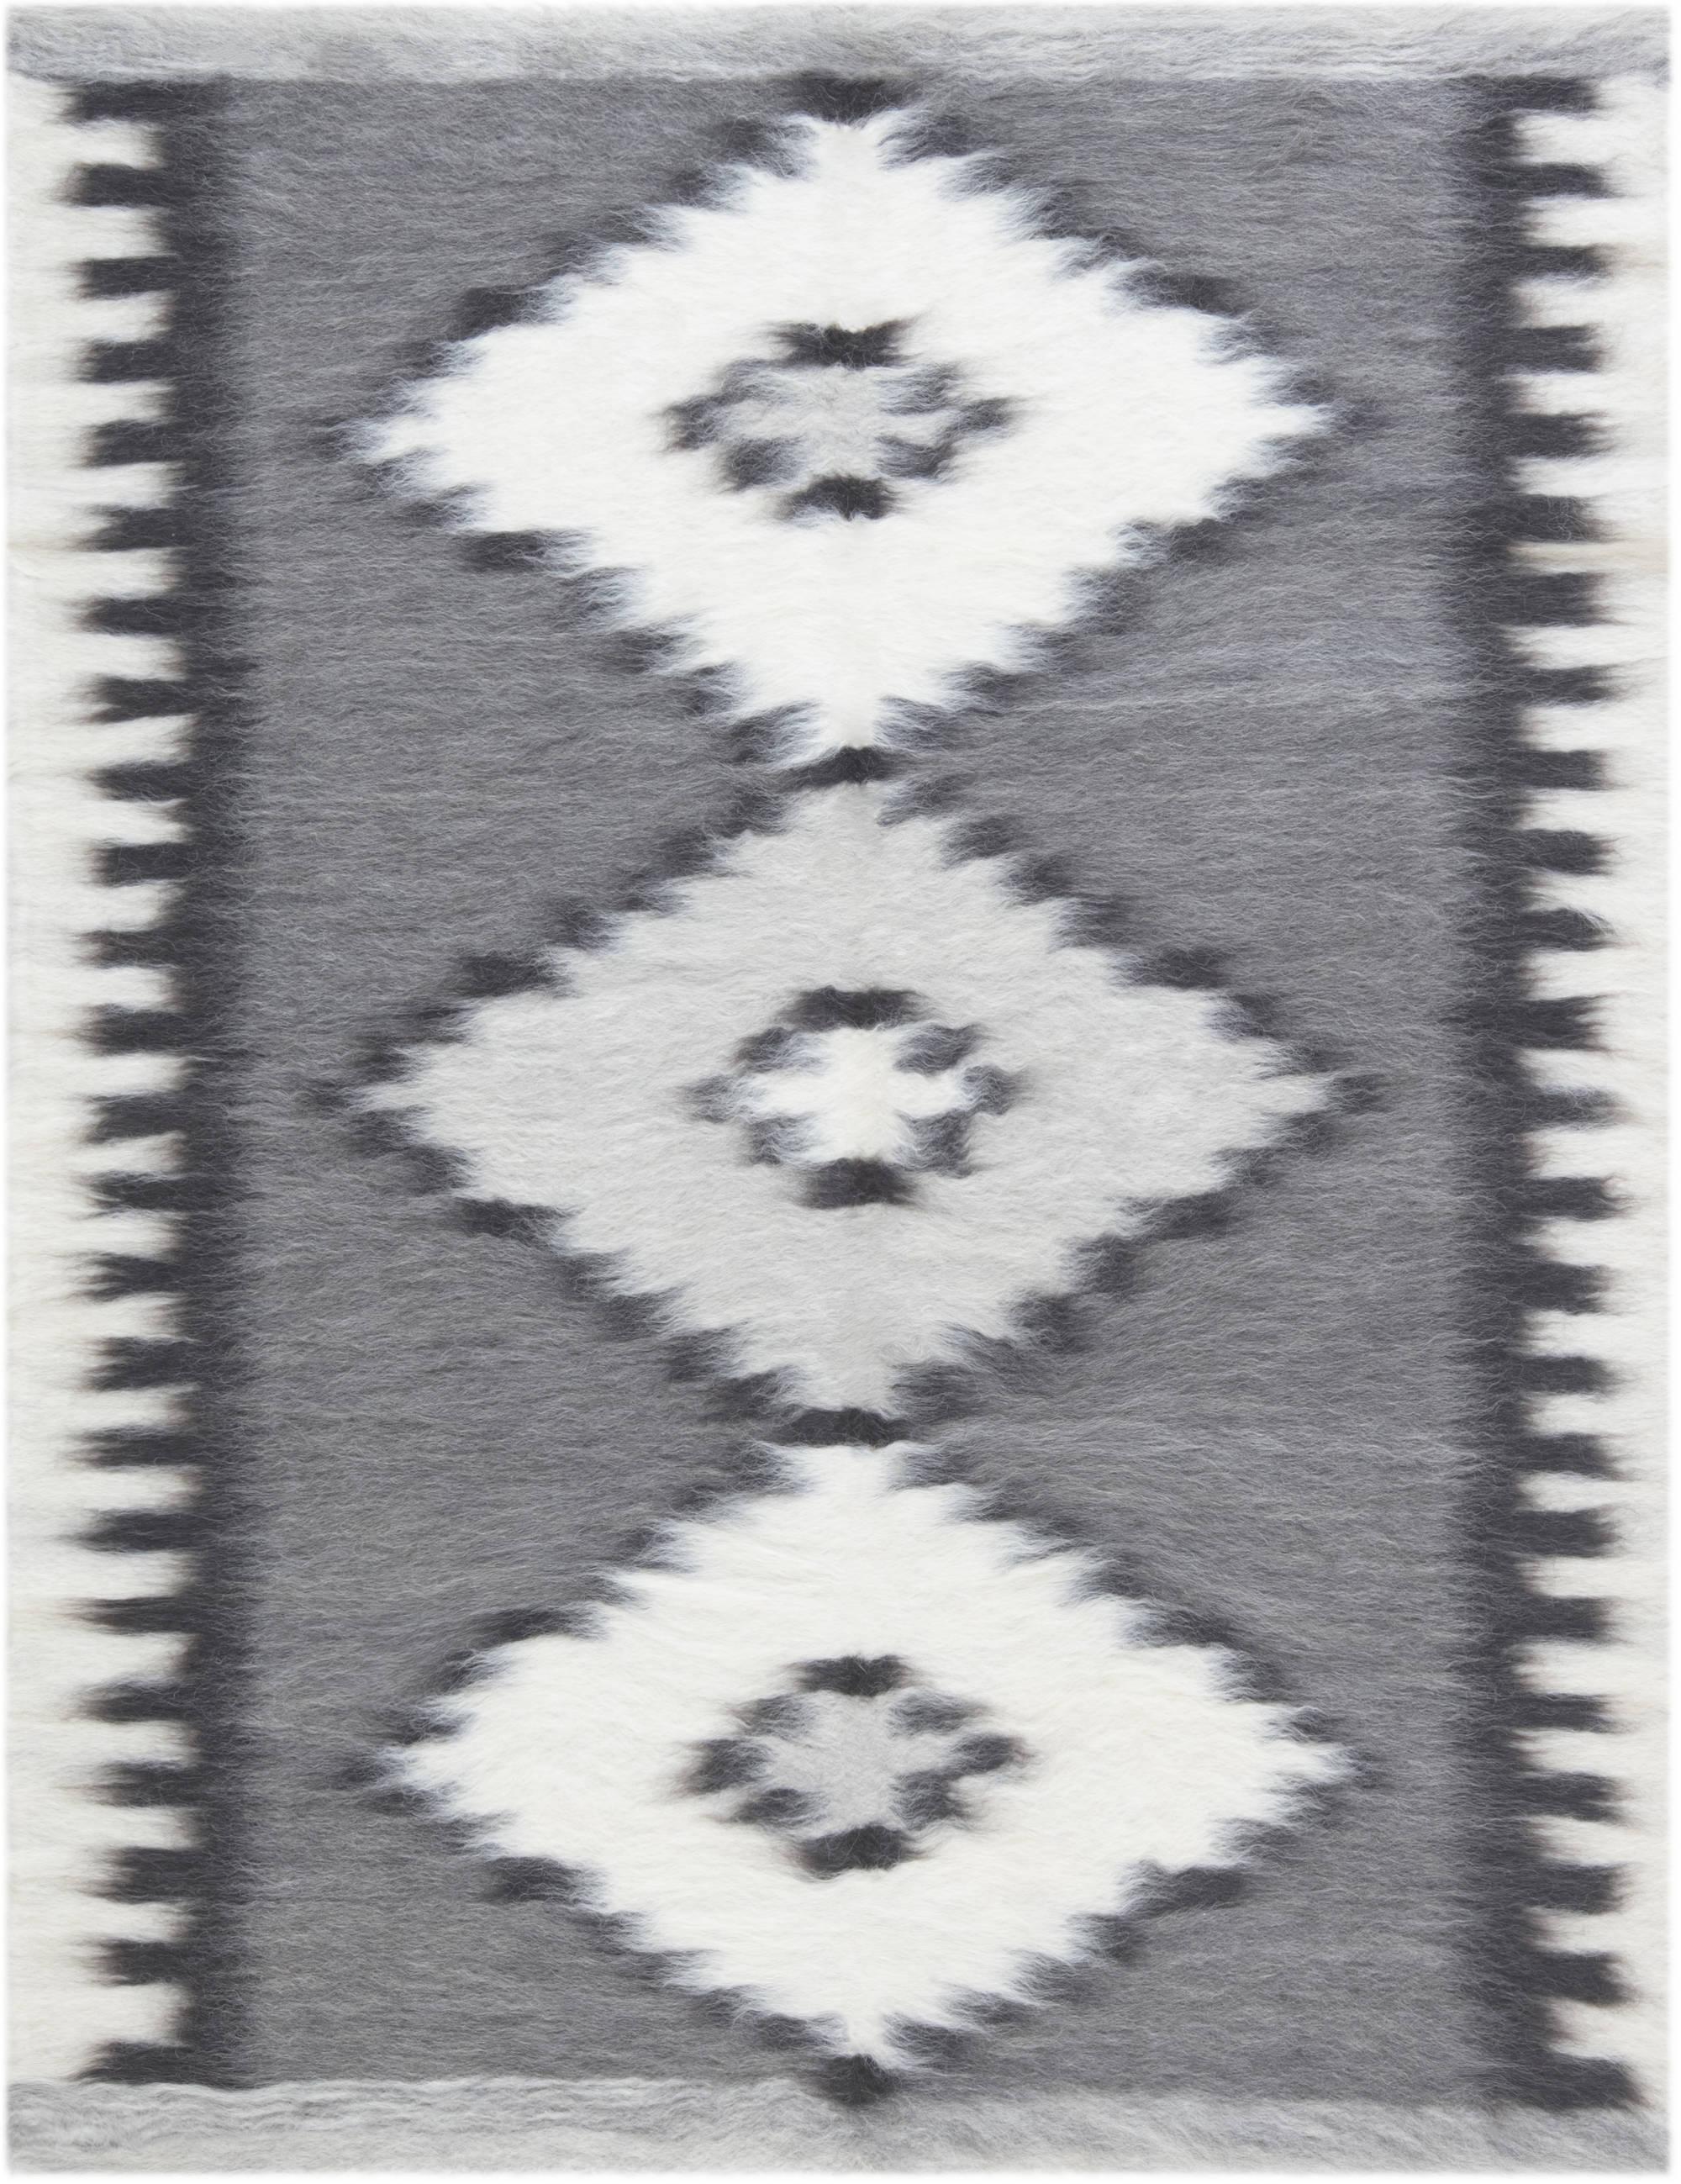 STAMVERBAND X N11855